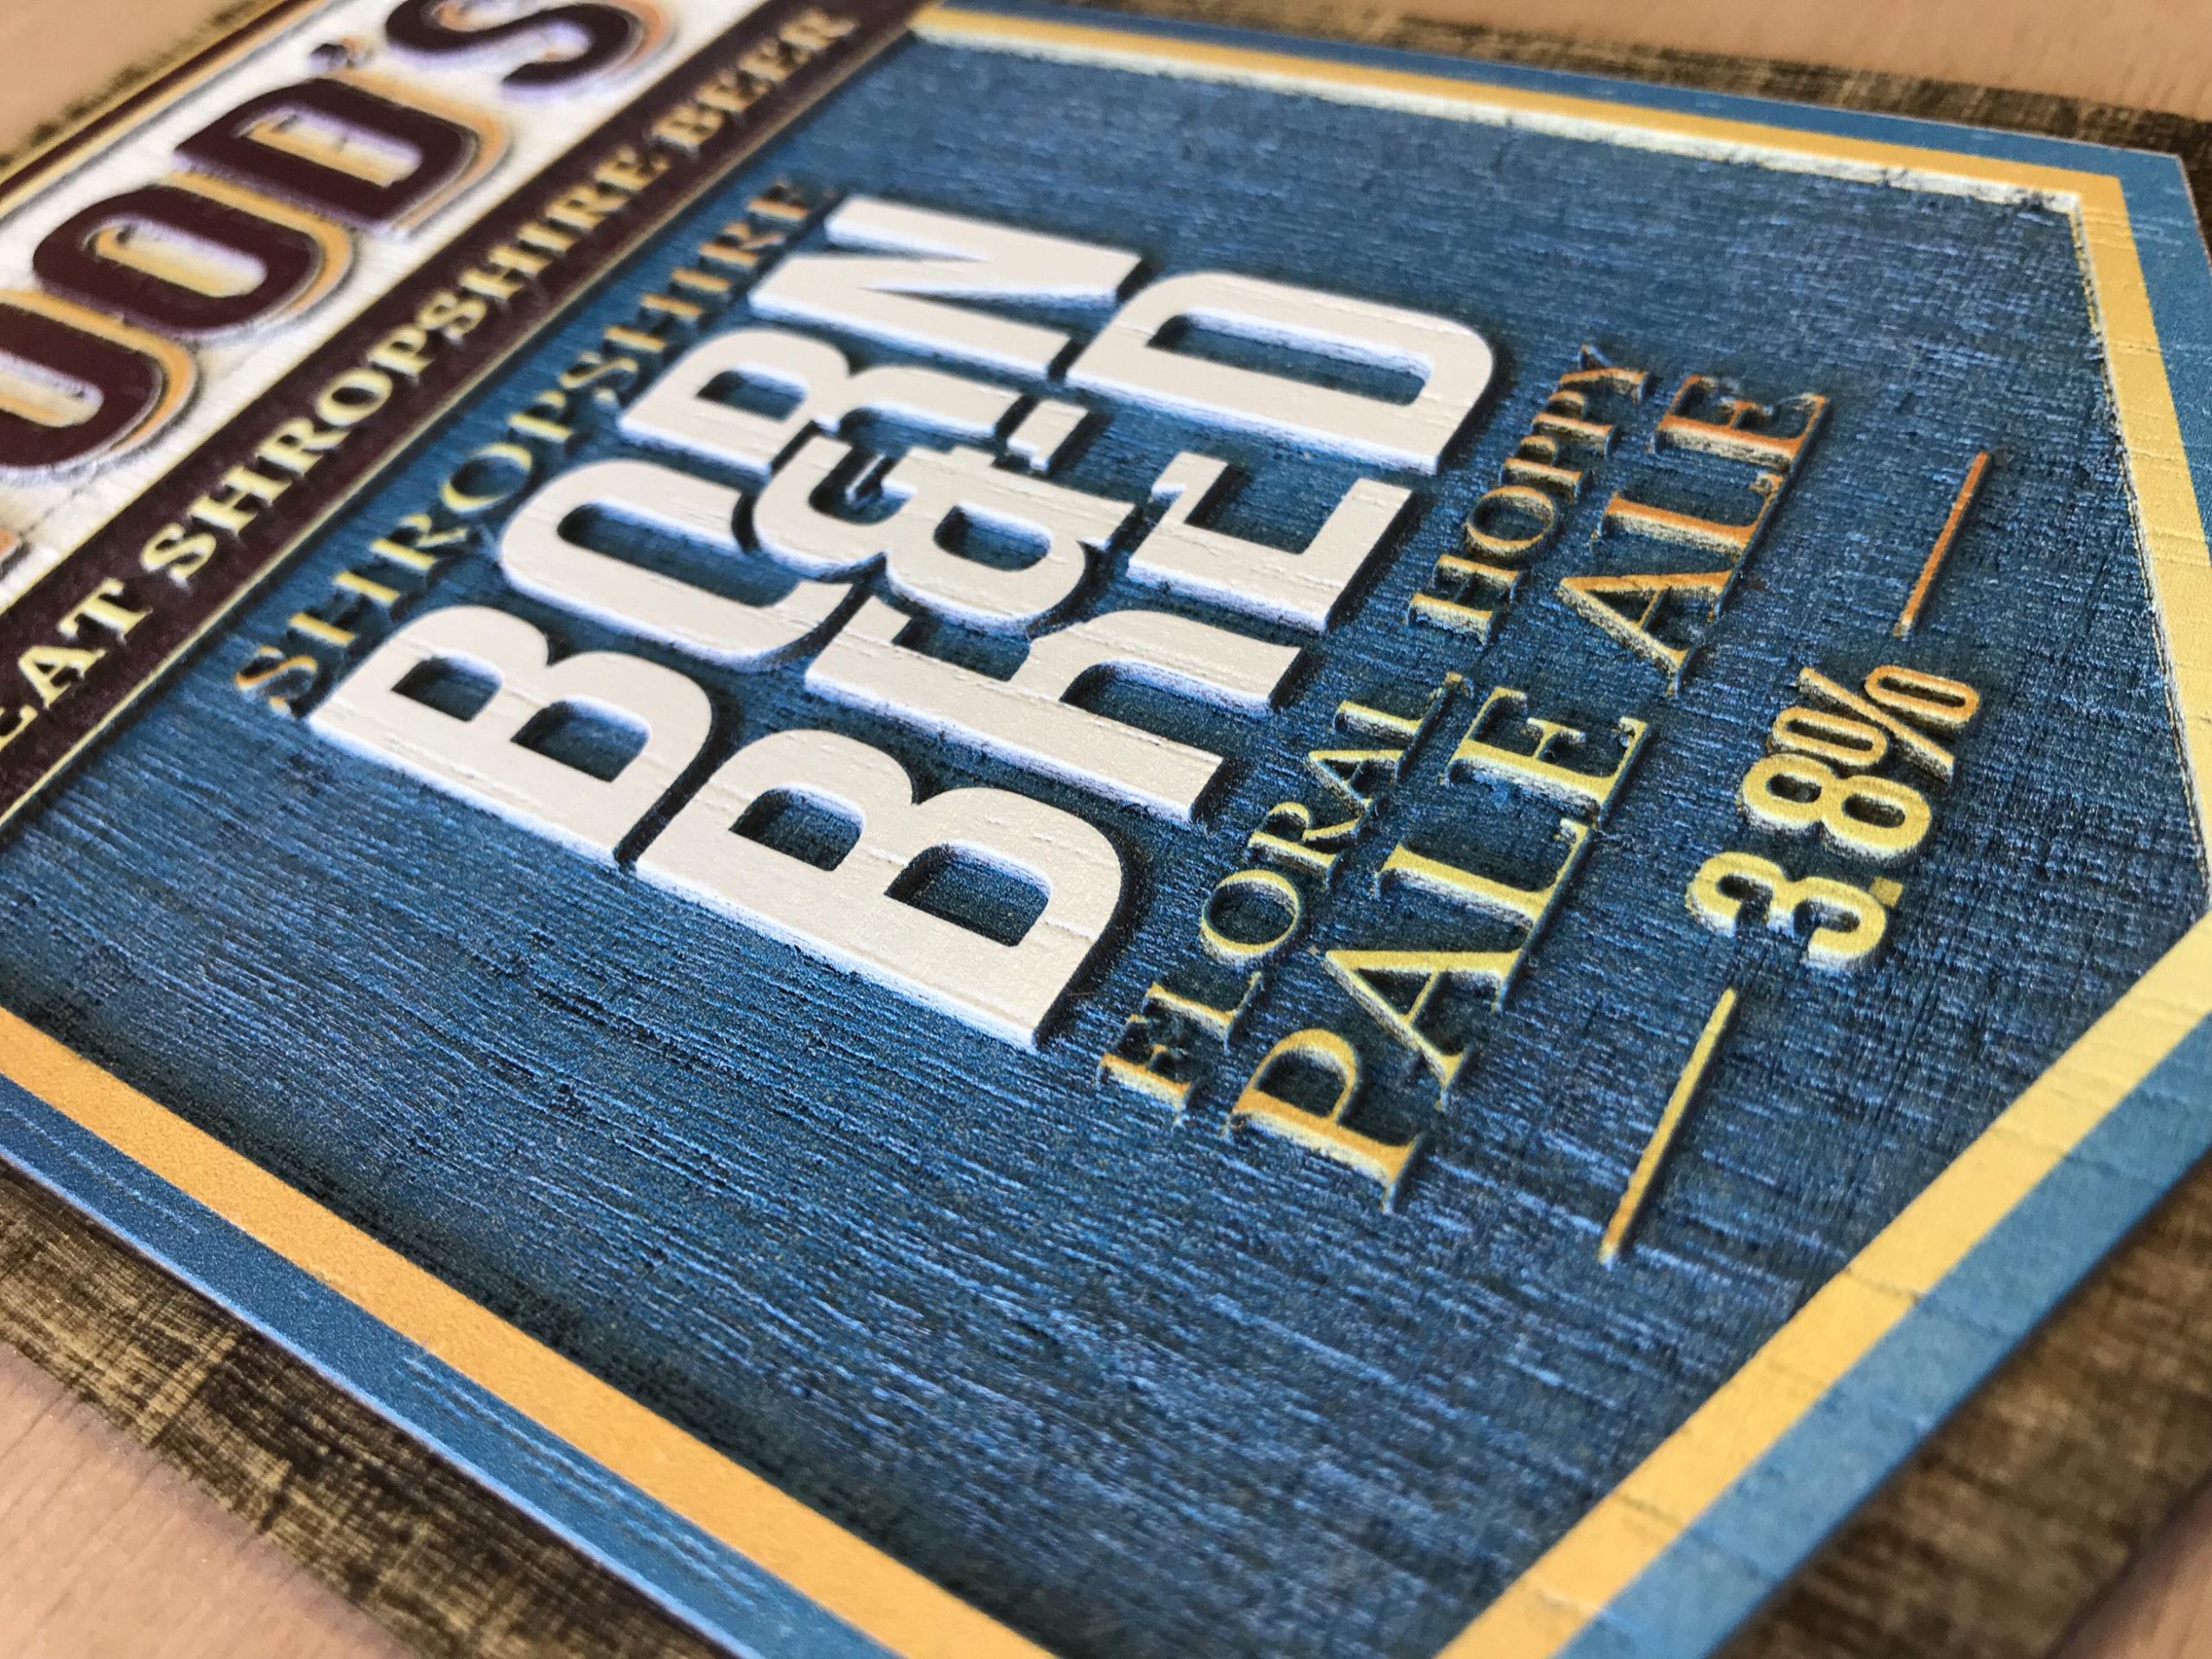 Woods Solid Oak beer pump badge